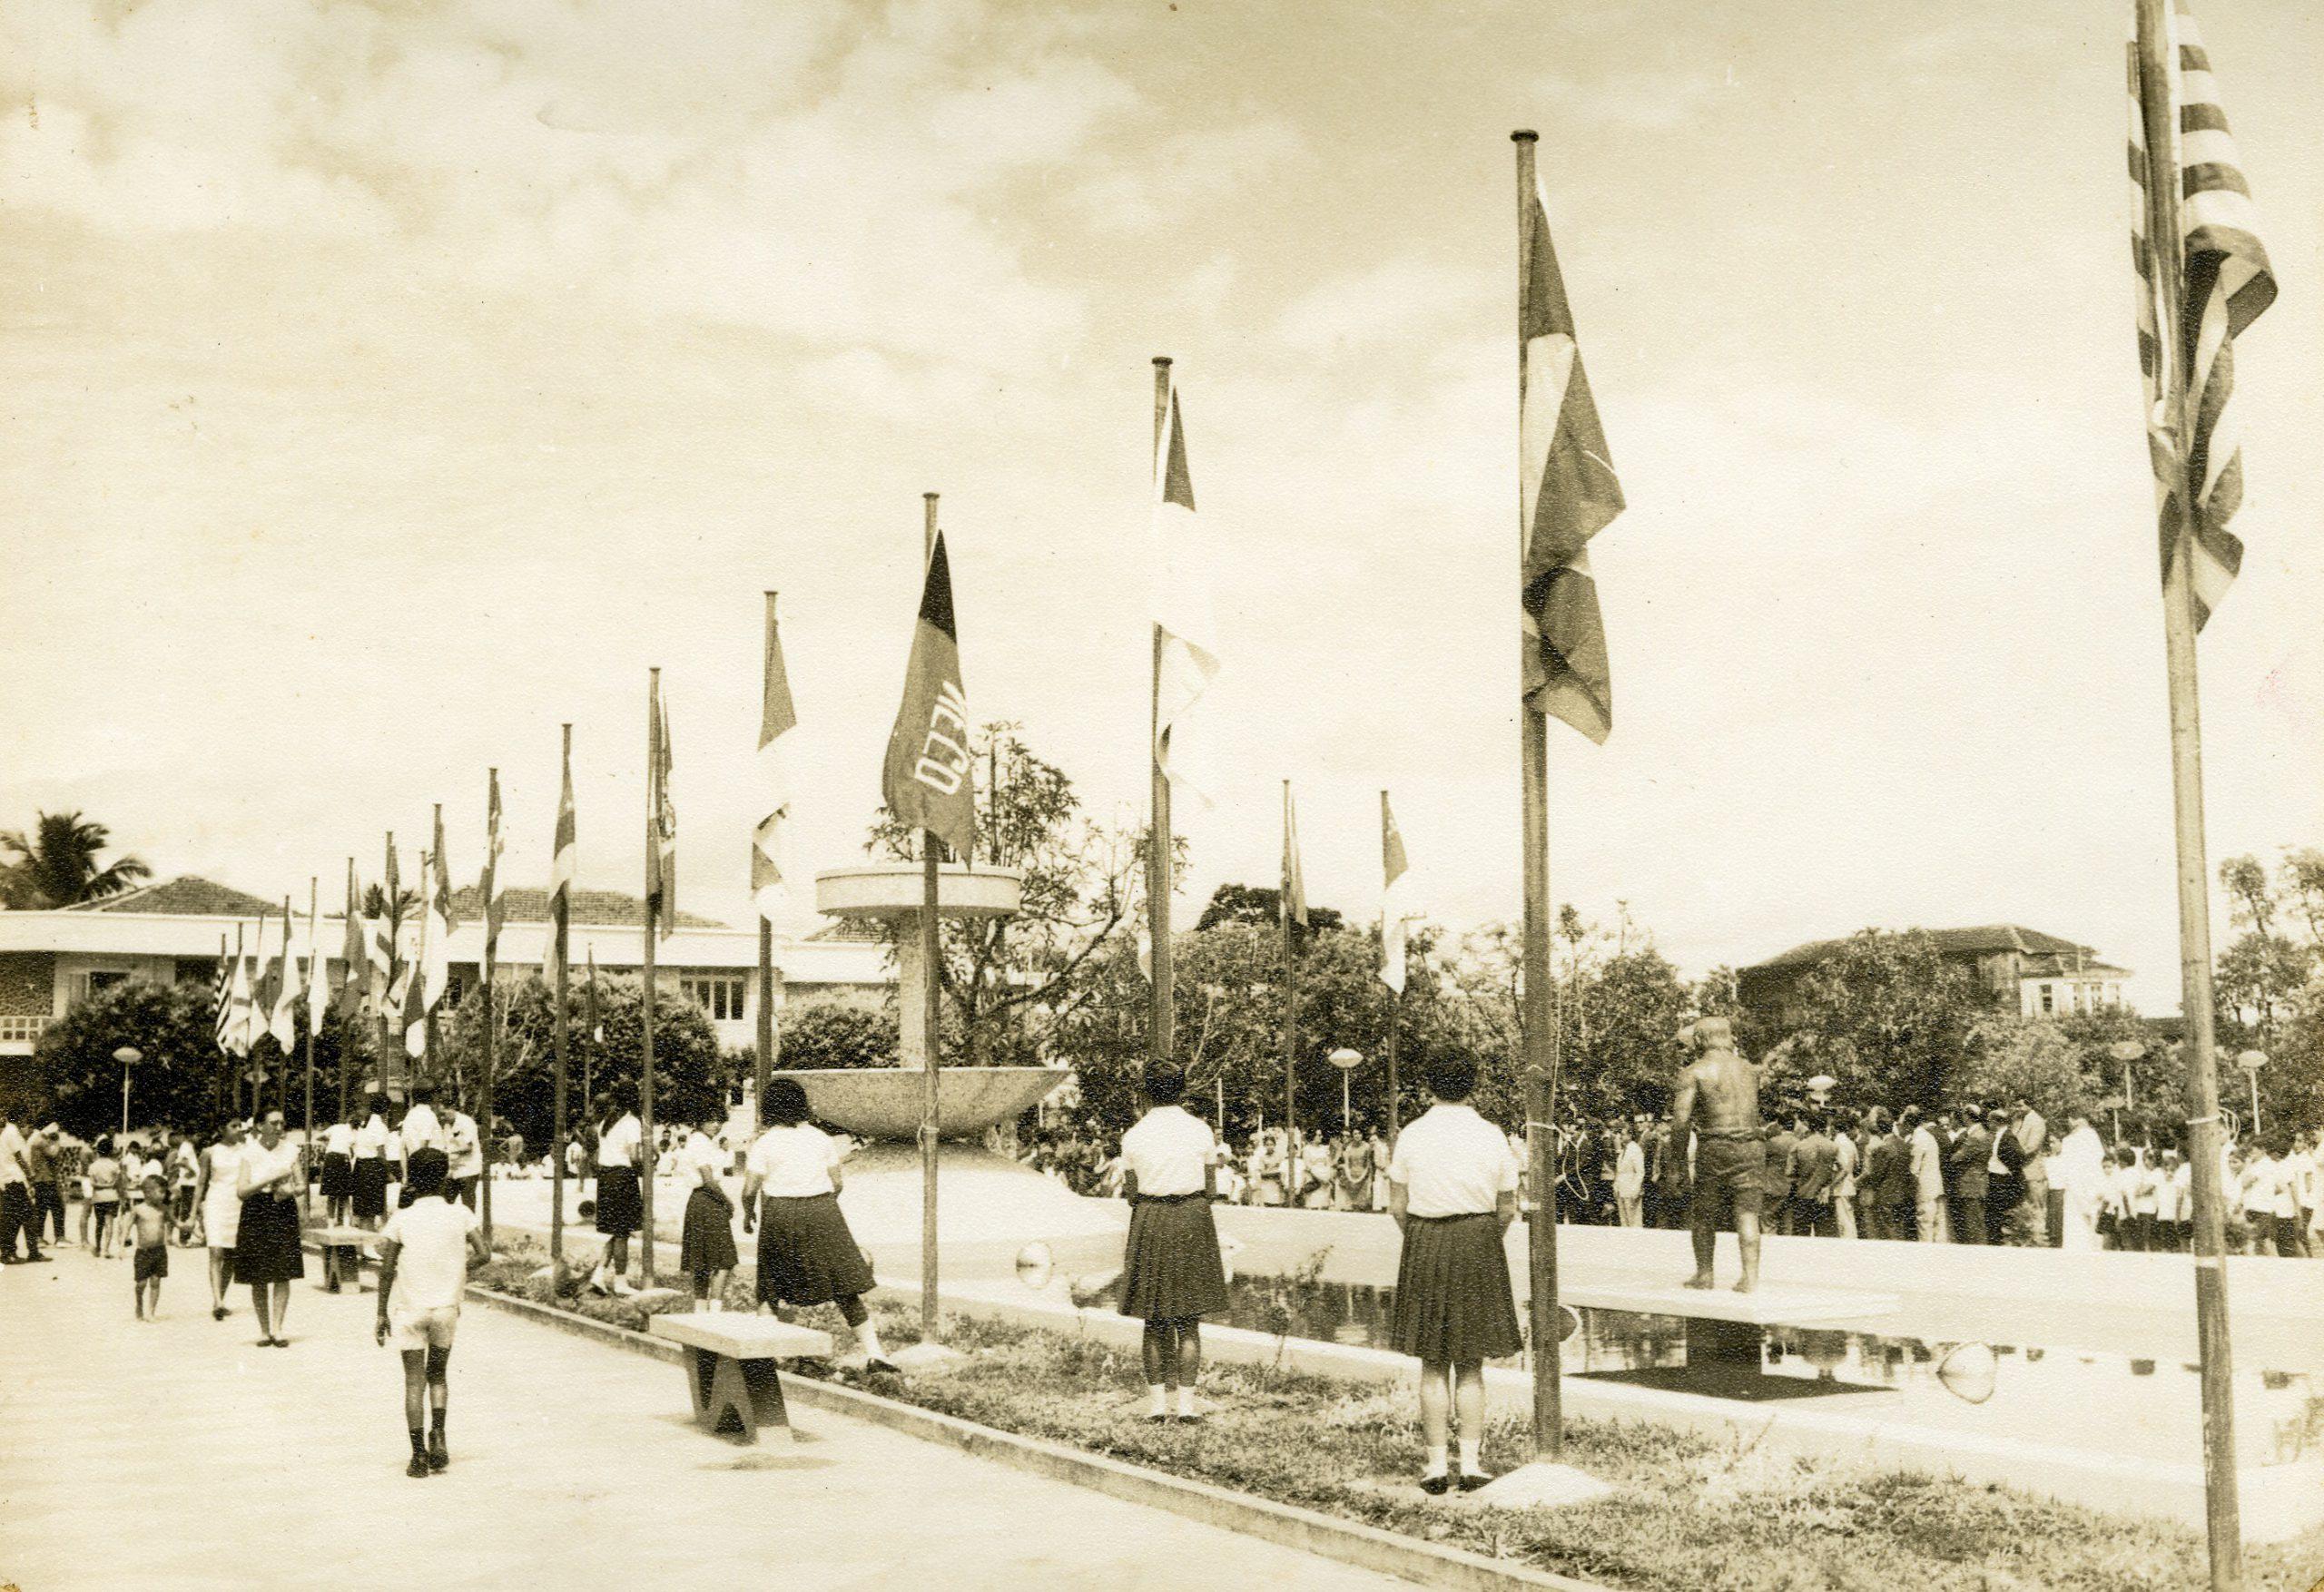 Estudantes na Praça da Saudade - Instituto Durango Duarte 1970